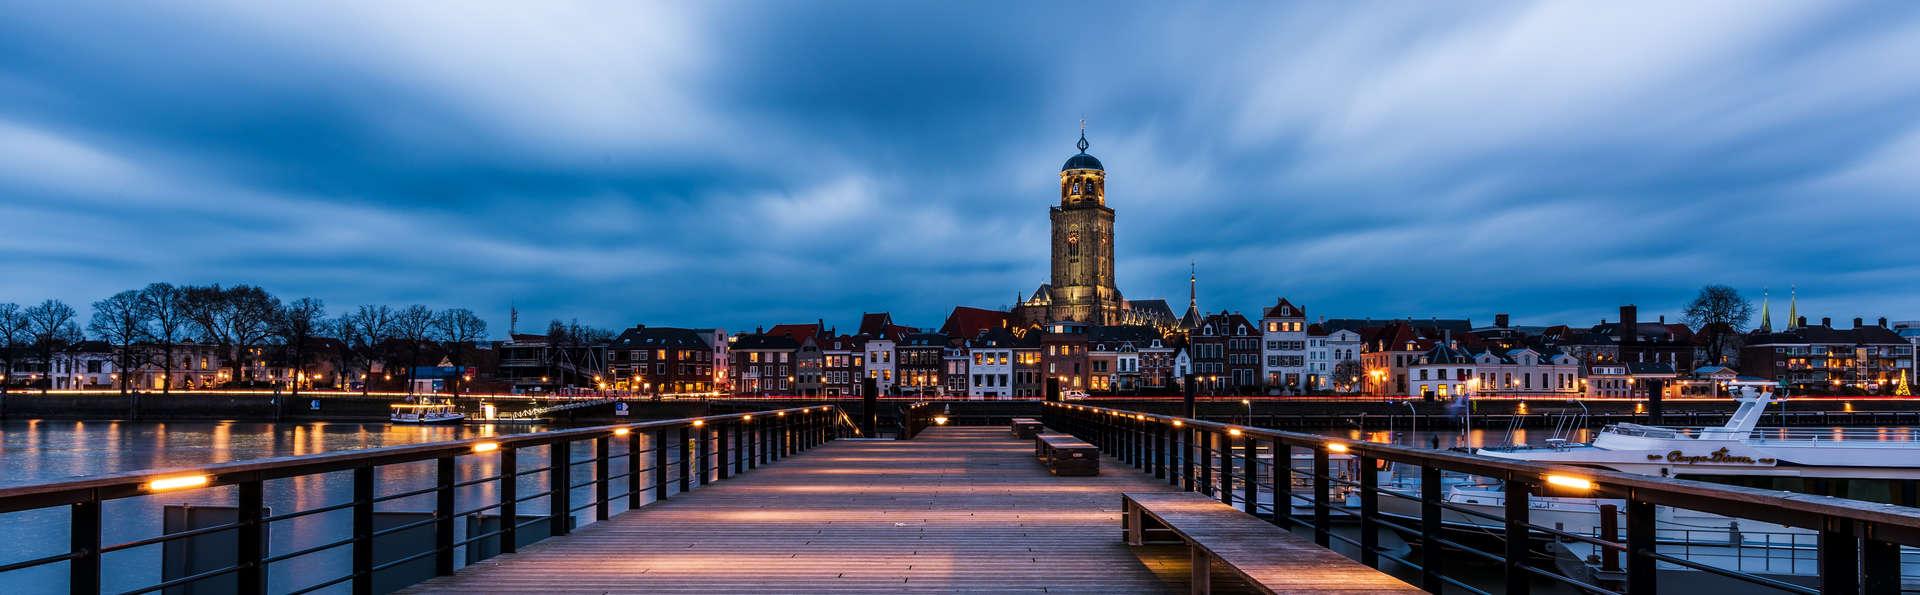 Sandton IJsselhotel - Sandton_IJsselhotel_Holiday_13.jpg